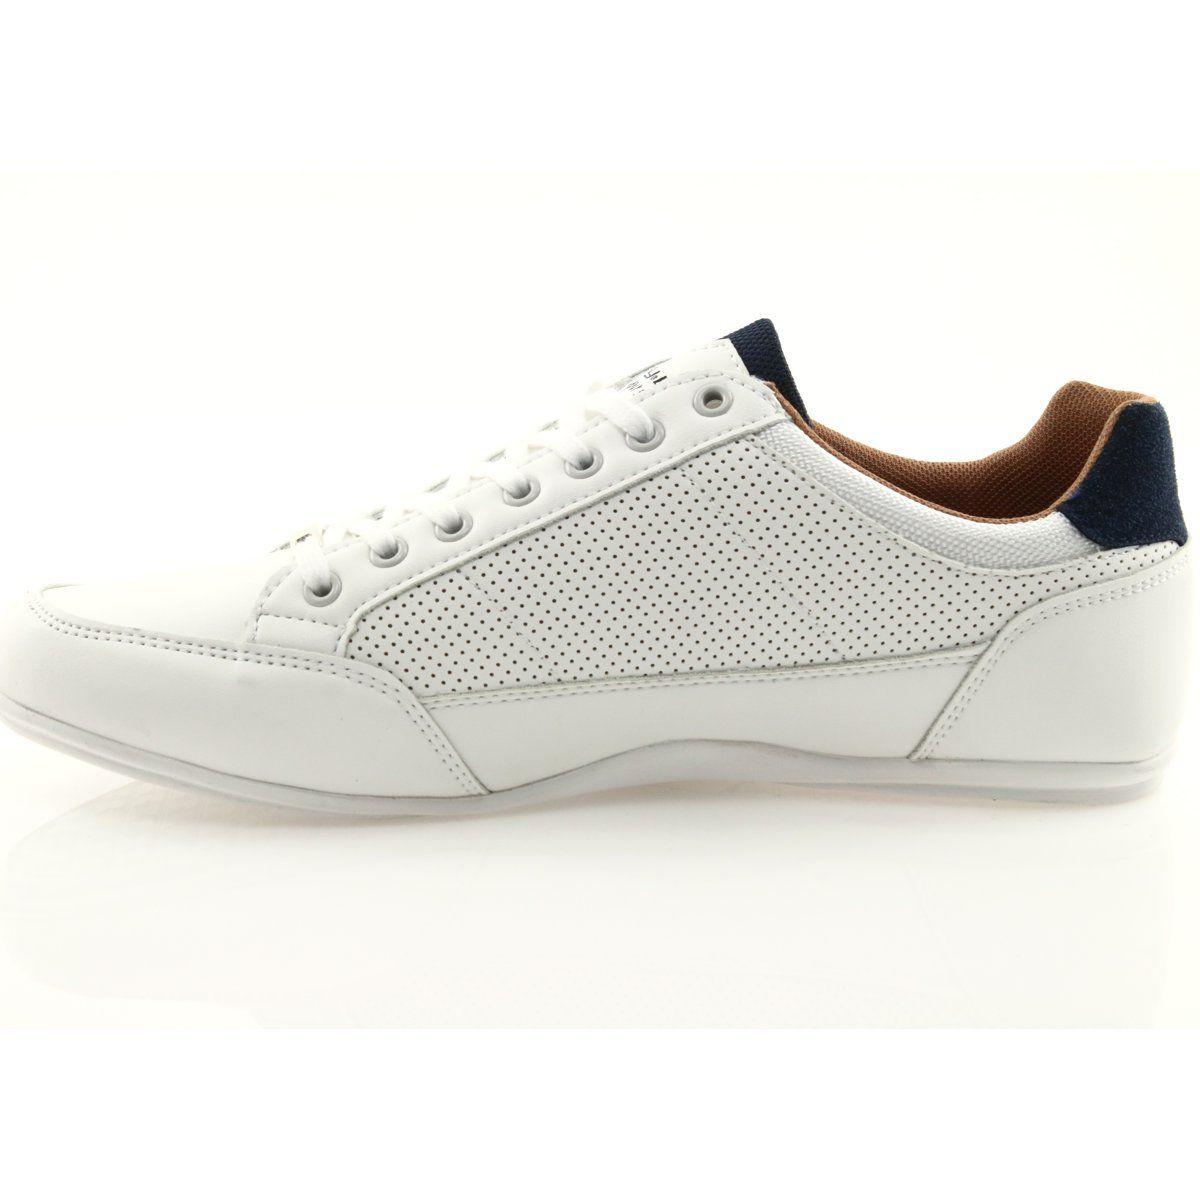 Buty Sportowe Meskie Mckey 901 Biale Czerwone Granatowe Sport Shoes Men Sport Shoes Shoes